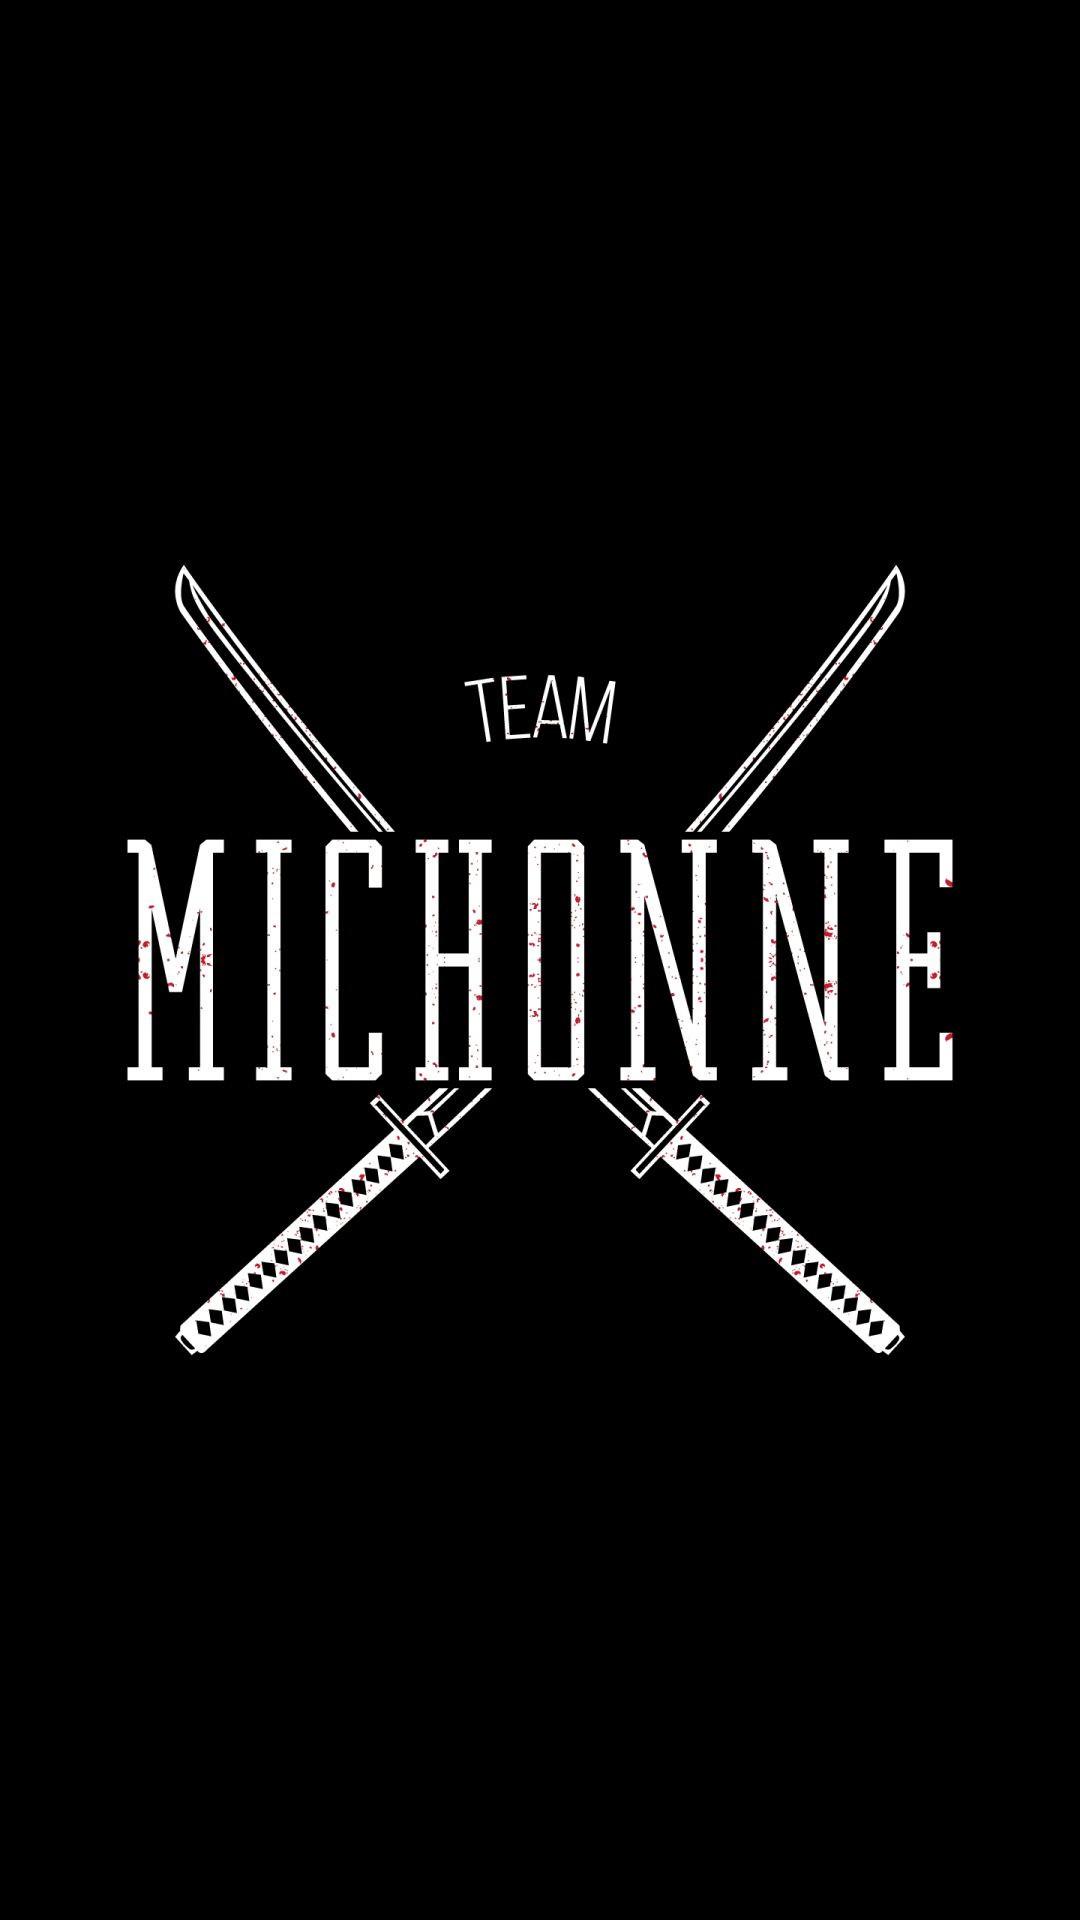 Team Michonne The Walking Dead iPhone 6+ HD Wallpaper …